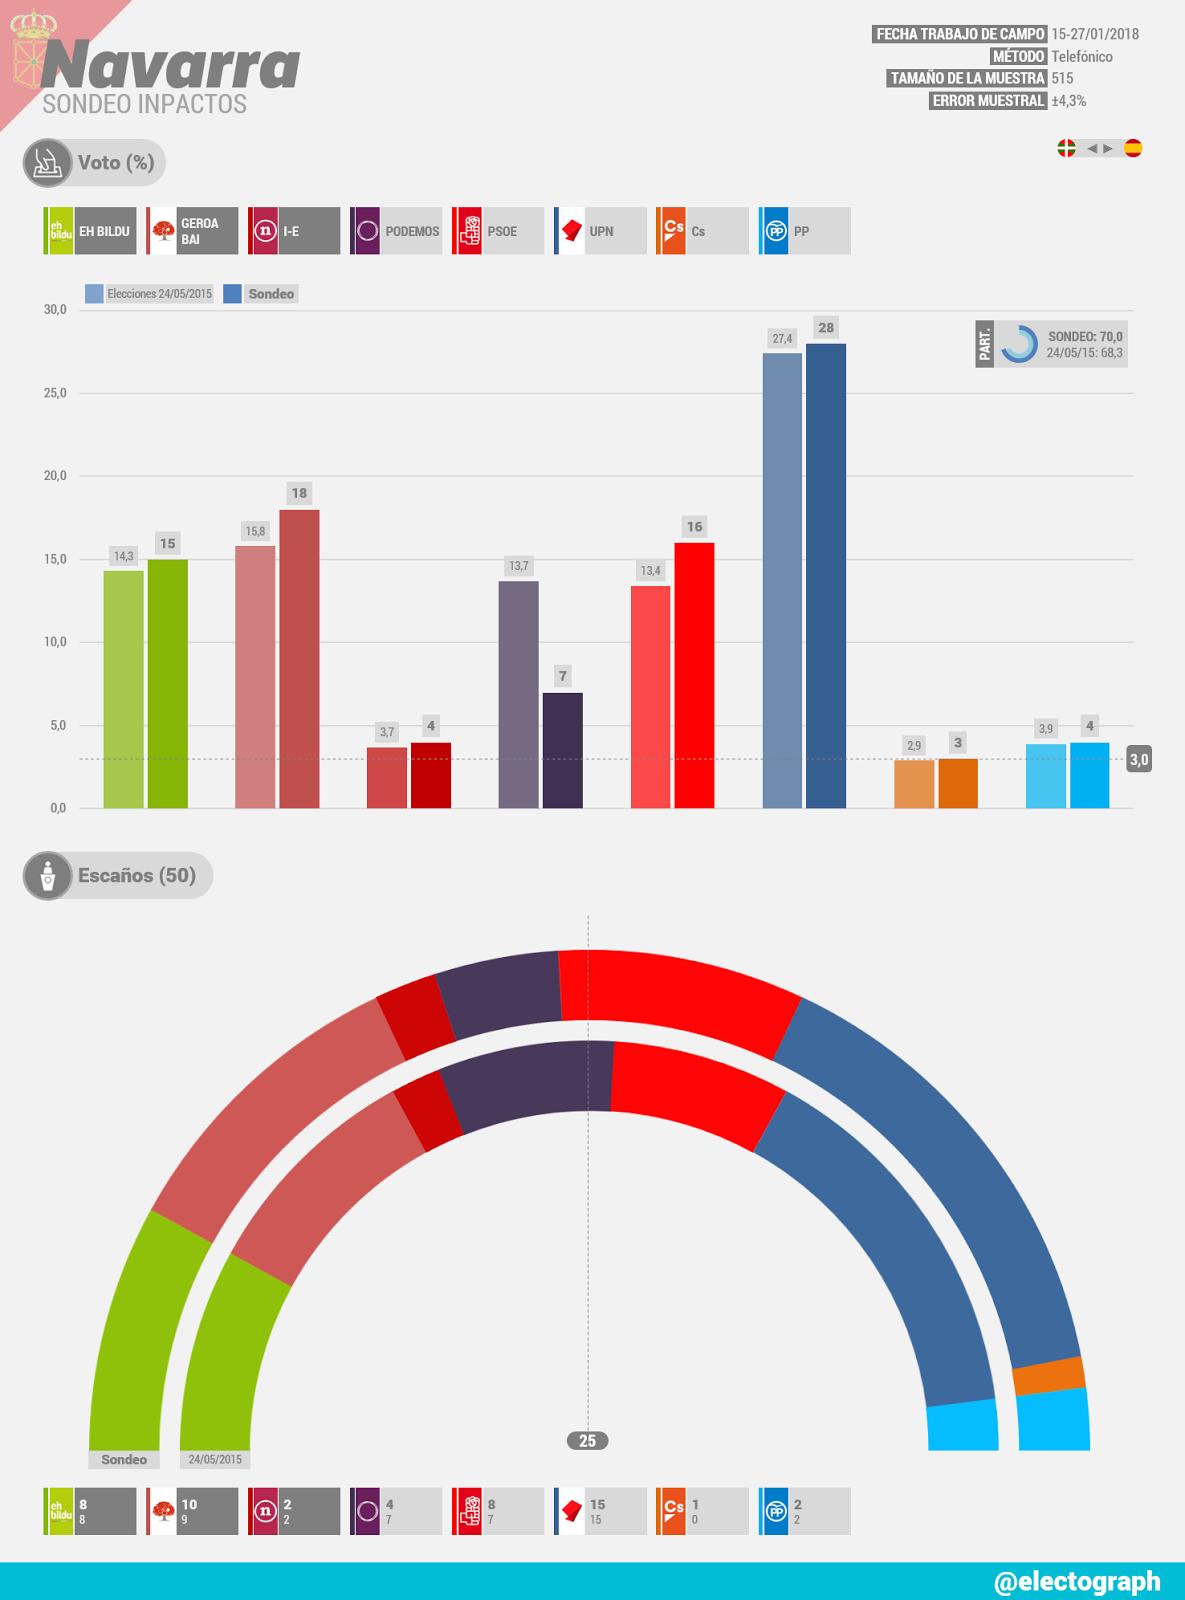 Gráfico de la encuesta para elecciones autonómicas en Navarra realizada por Inpactos en enero de 2018